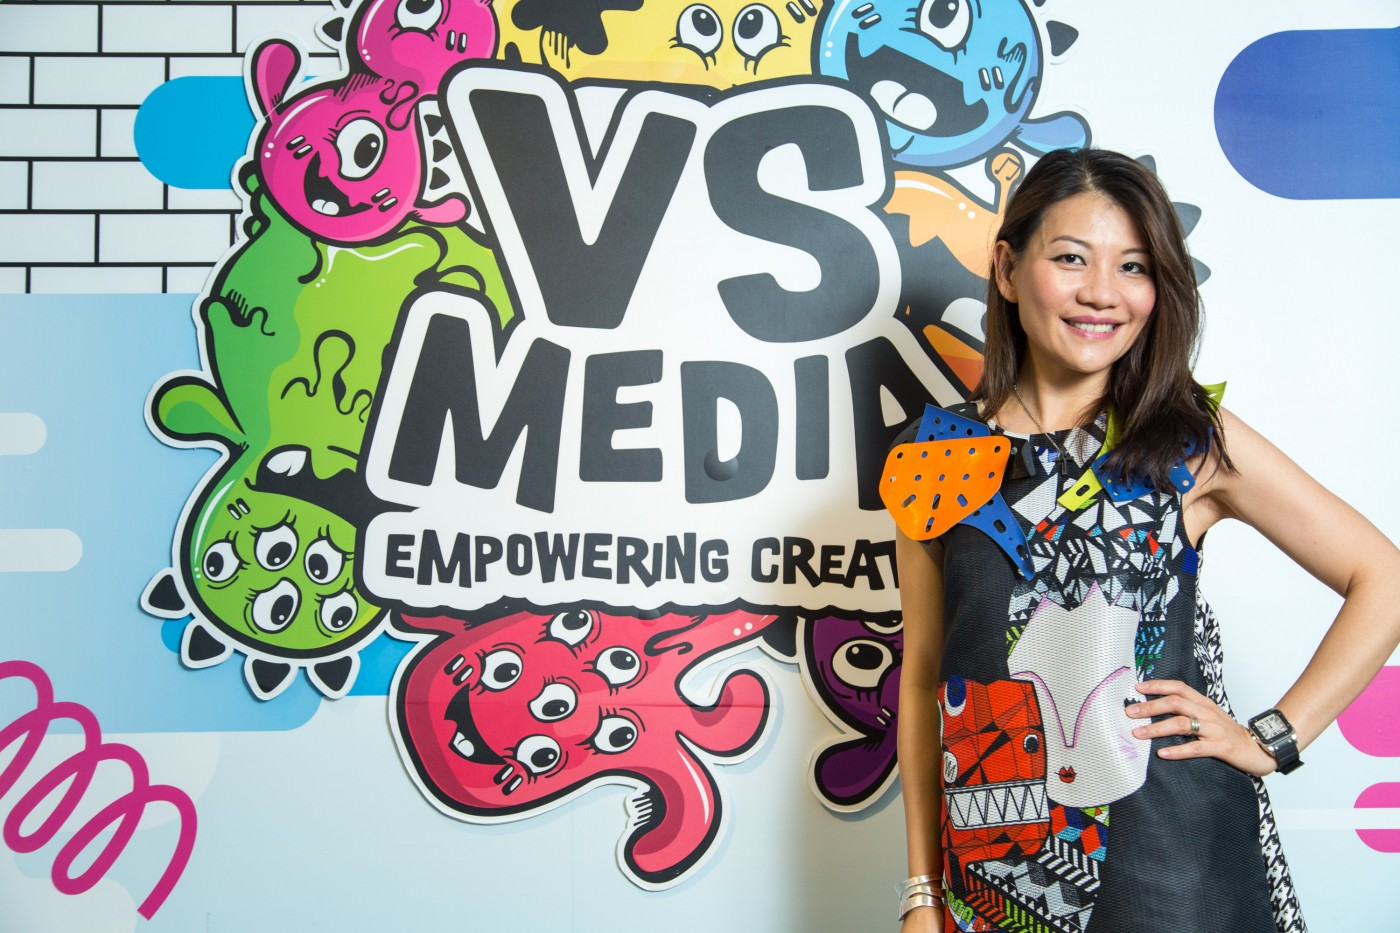 年營收上看3億新台幣,網紅經紀公司 VS MEDIA 設目標:要帶60組台灣團隊出海